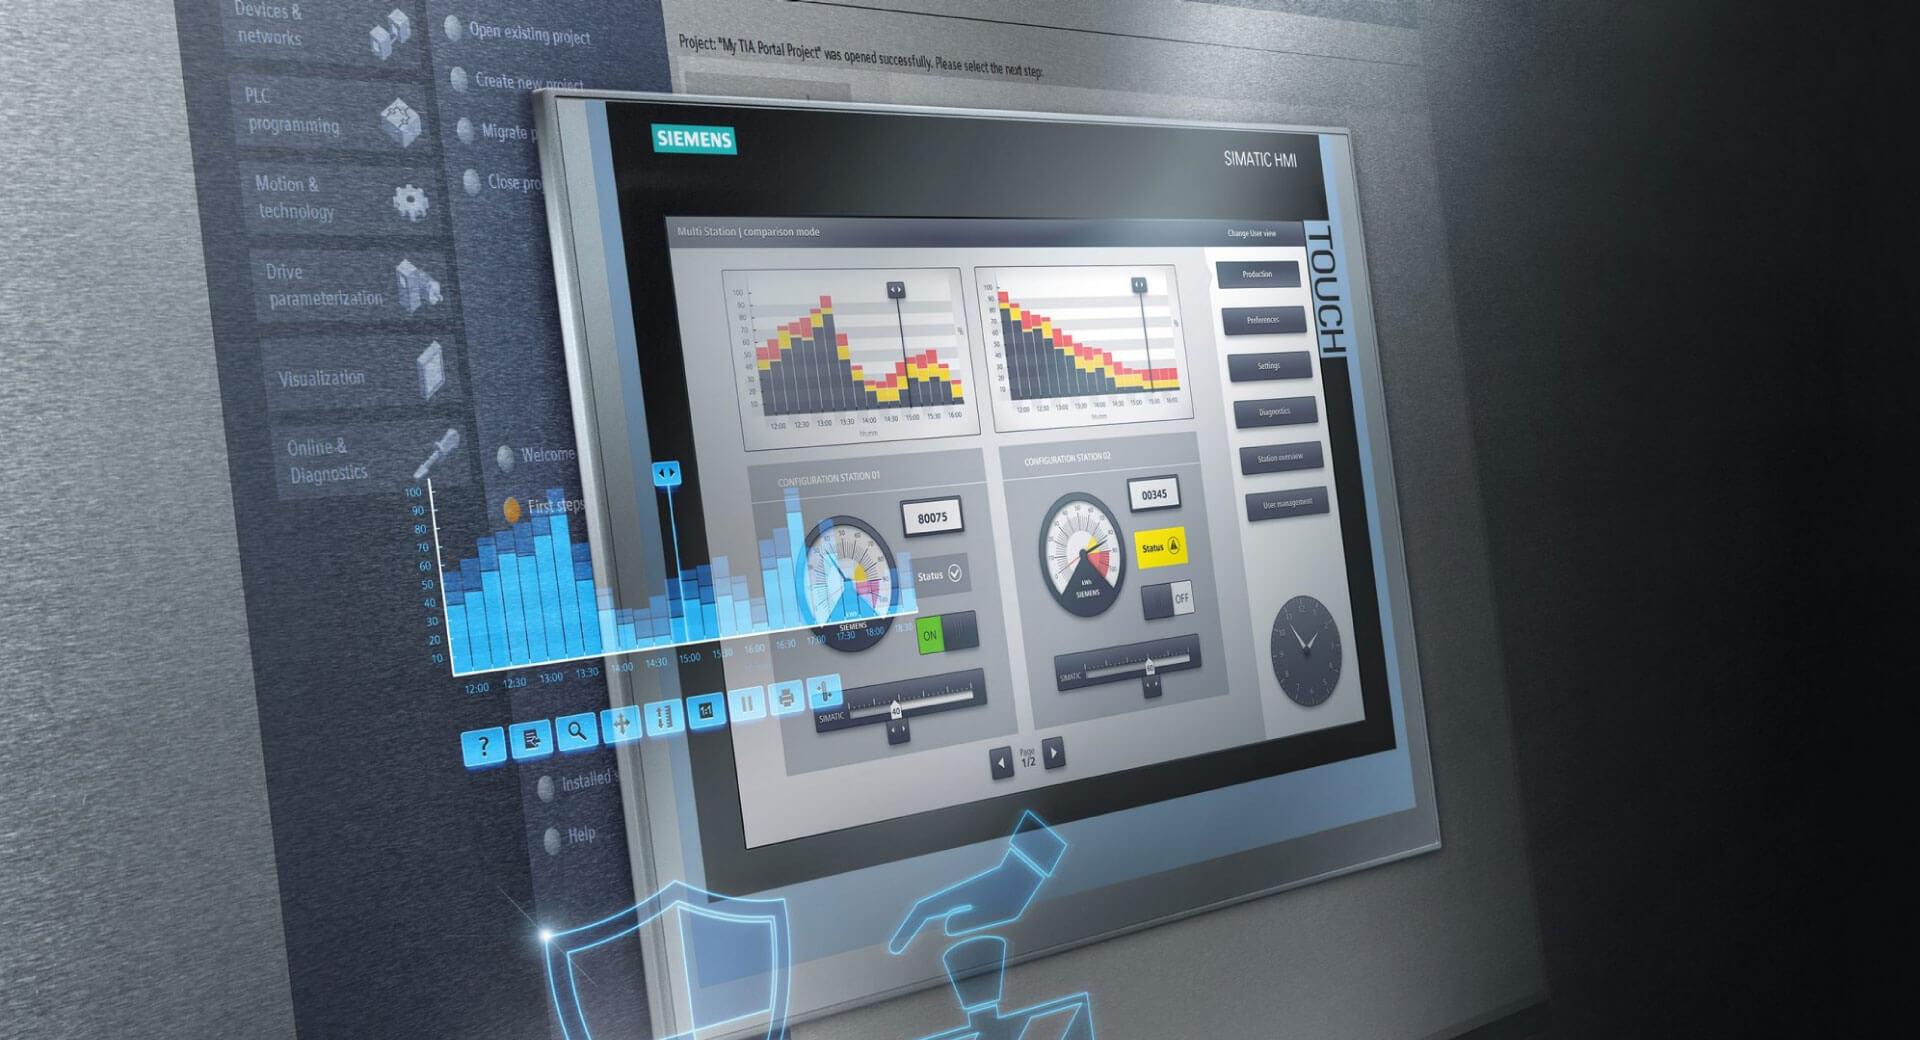 Automatizacija procesa PLC i HMI Siemens